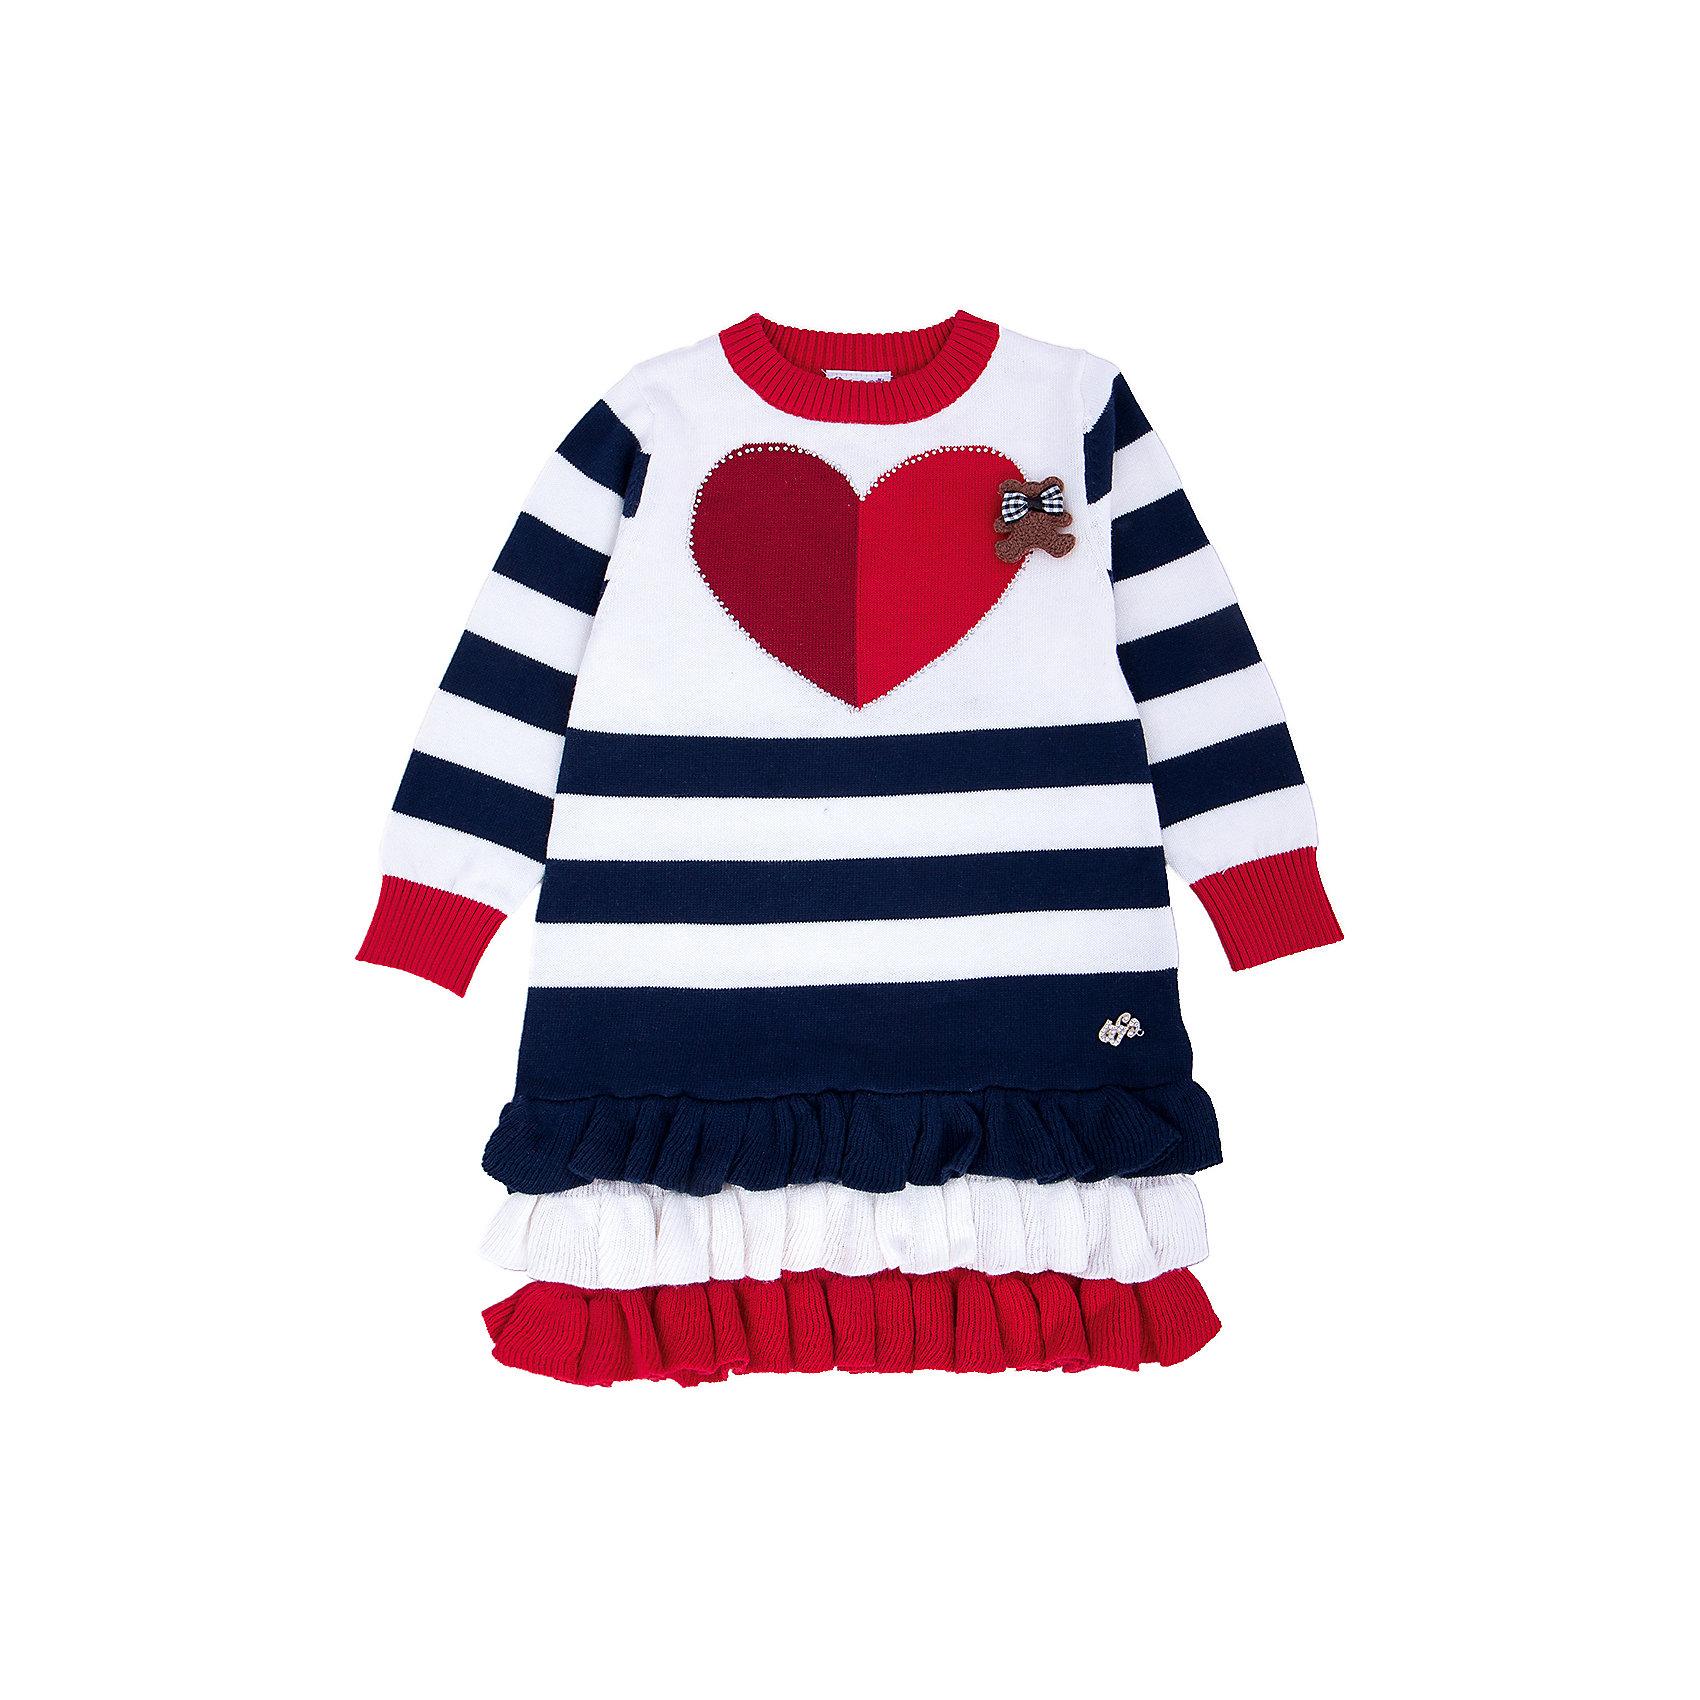 Платье для девочки Sweet BerryПлатья<br>Такое платье отличается модным дизайном с принтом и карманами. Удачный крой обеспечит ребенку комфорт и тепло. Плотный материал делает вещь идеальной для прохладной погоды. Она хорошо прилегает к телу там, где нужно, и отлично сидит по фигуре. Натуральный хлопок обеспечит коже возможность дышать и не вызовет аллергии.<br>Одежда от бренда Sweet Berry - это простой и выгодный способ одеть ребенка удобно и стильно. Всё изделия тщательно проработаны: швы - прочные, материал - качественный, фурнитура - подобранная специально для детей.<br><br>Дополнительная информация:<br><br>цвет: разноцветный;<br>состав: 100% хлопок;<br>декорировано сердечком и воланами.<br><br>Платье для девочки от бренда Sweet Berry можно купить в нашем интернет-магазине.<br><br>Ширина мм: 236<br>Глубина мм: 16<br>Высота мм: 184<br>Вес г: 177<br>Цвет: синий<br>Возраст от месяцев: 24<br>Возраст до месяцев: 36<br>Пол: Женский<br>Возраст: Детский<br>Размер: 98,80,86,92<br>SKU: 4931323